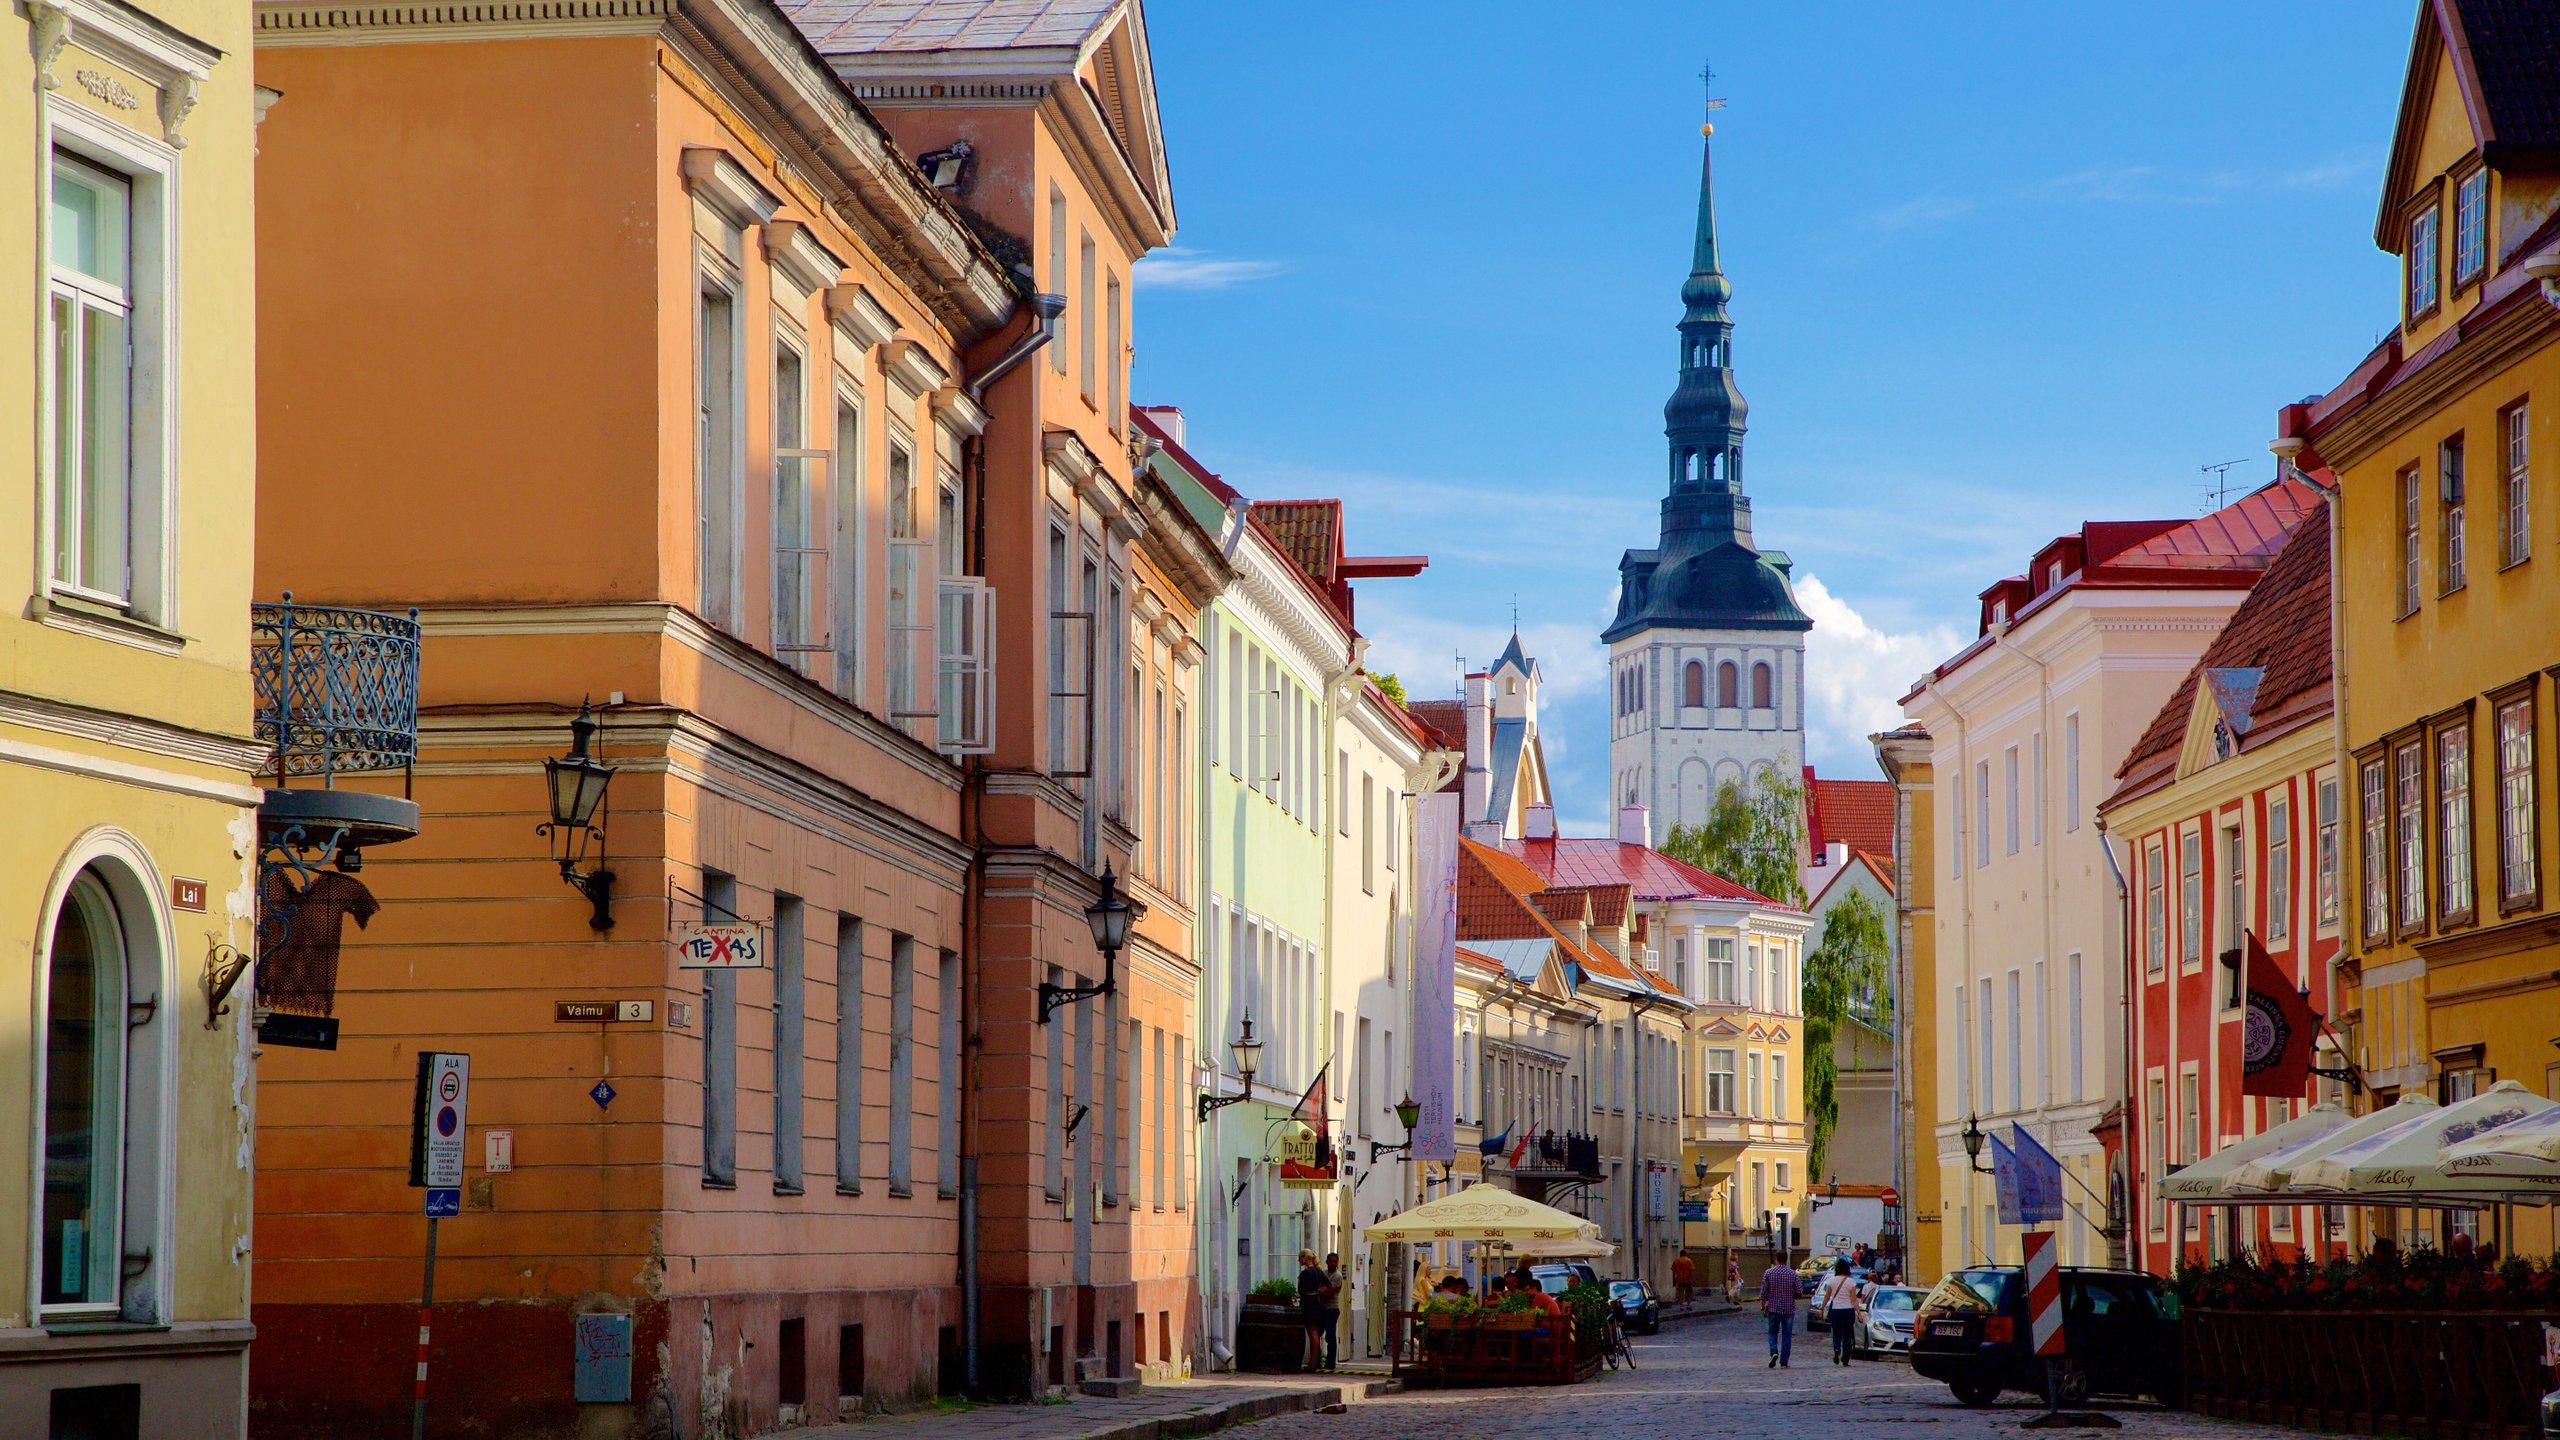 Old Town Tallinn, Tallinn, Harju County, Estonia